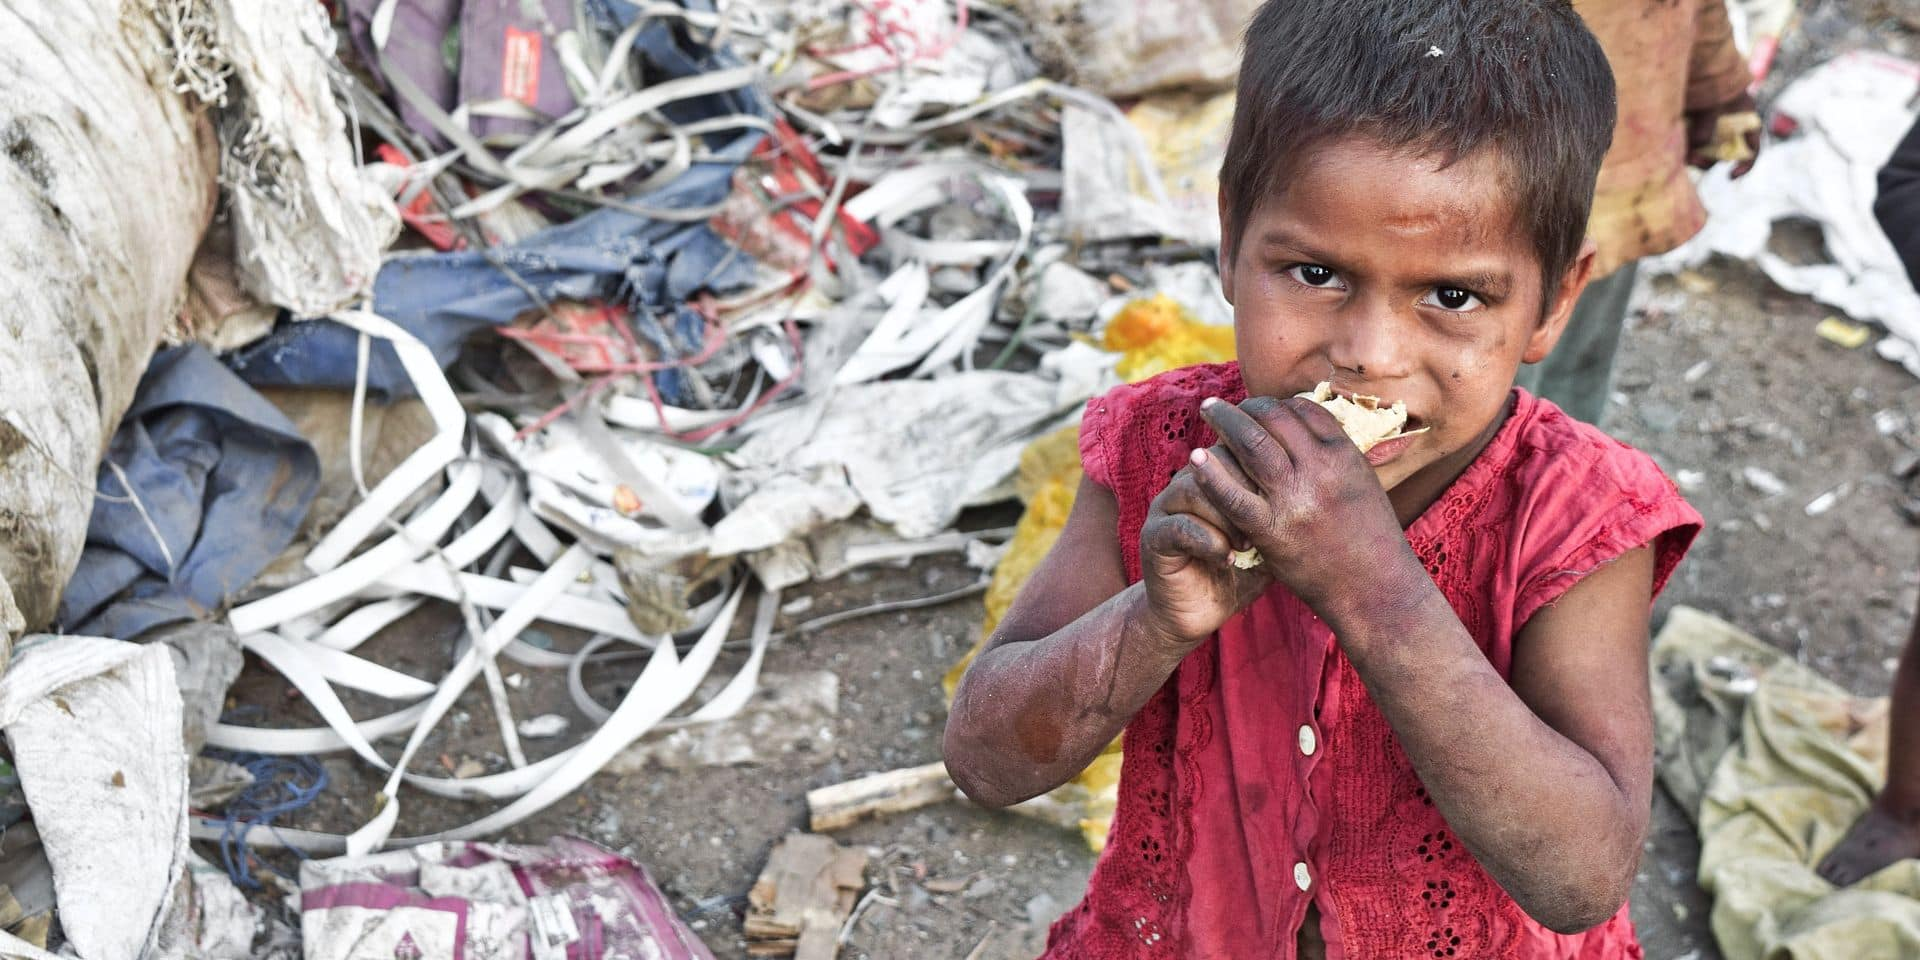 La faim dans le monde affecte de plus en plus de personnes